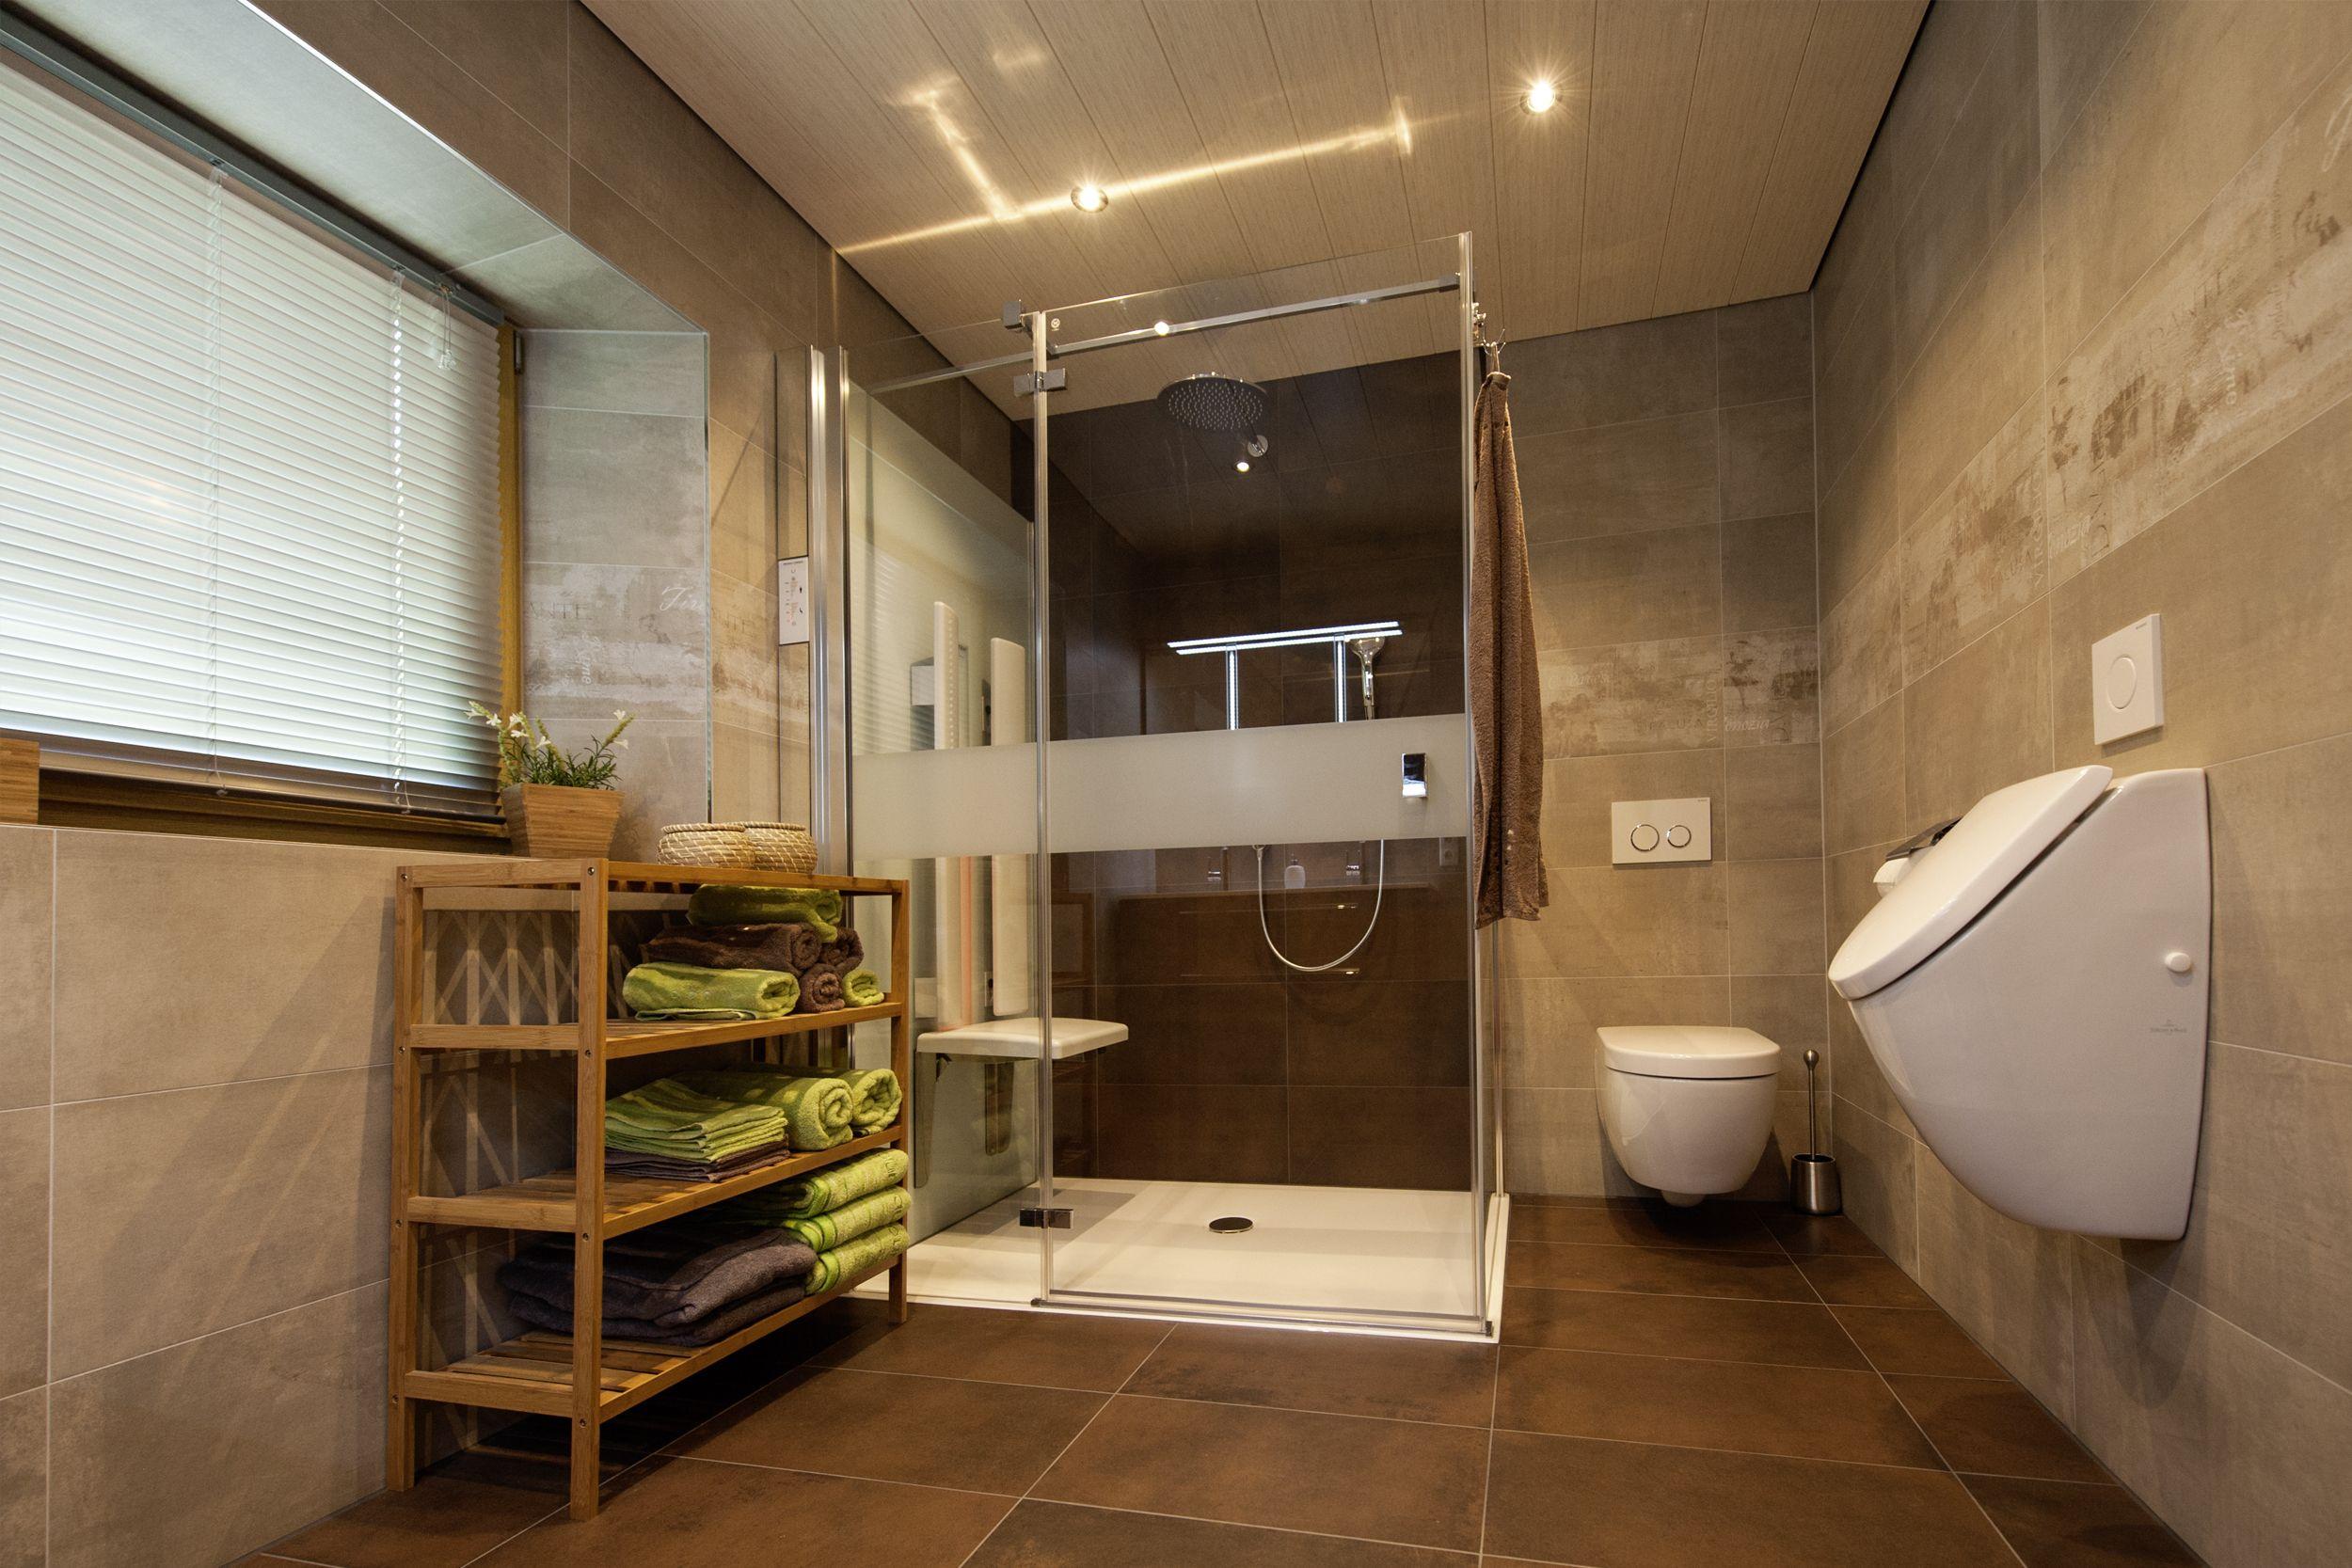 Infrarotdusche mit ausklappbarer Sitzfläche • Duschkabine aus Glas ...